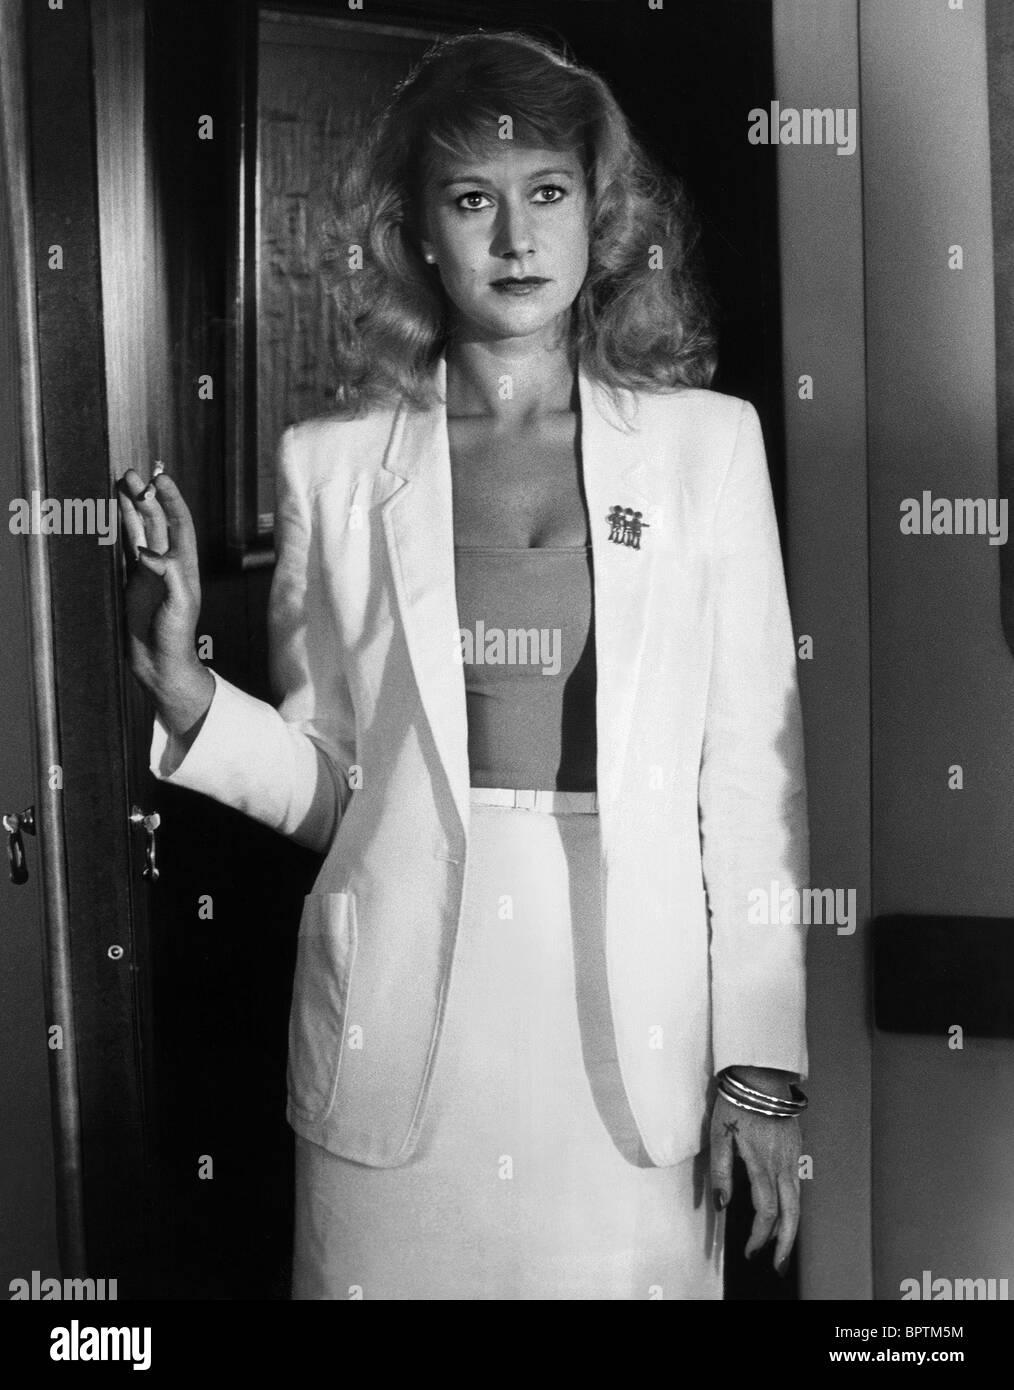 Forum on this topic: Debbie Gravitte, helen-freeman-actress/